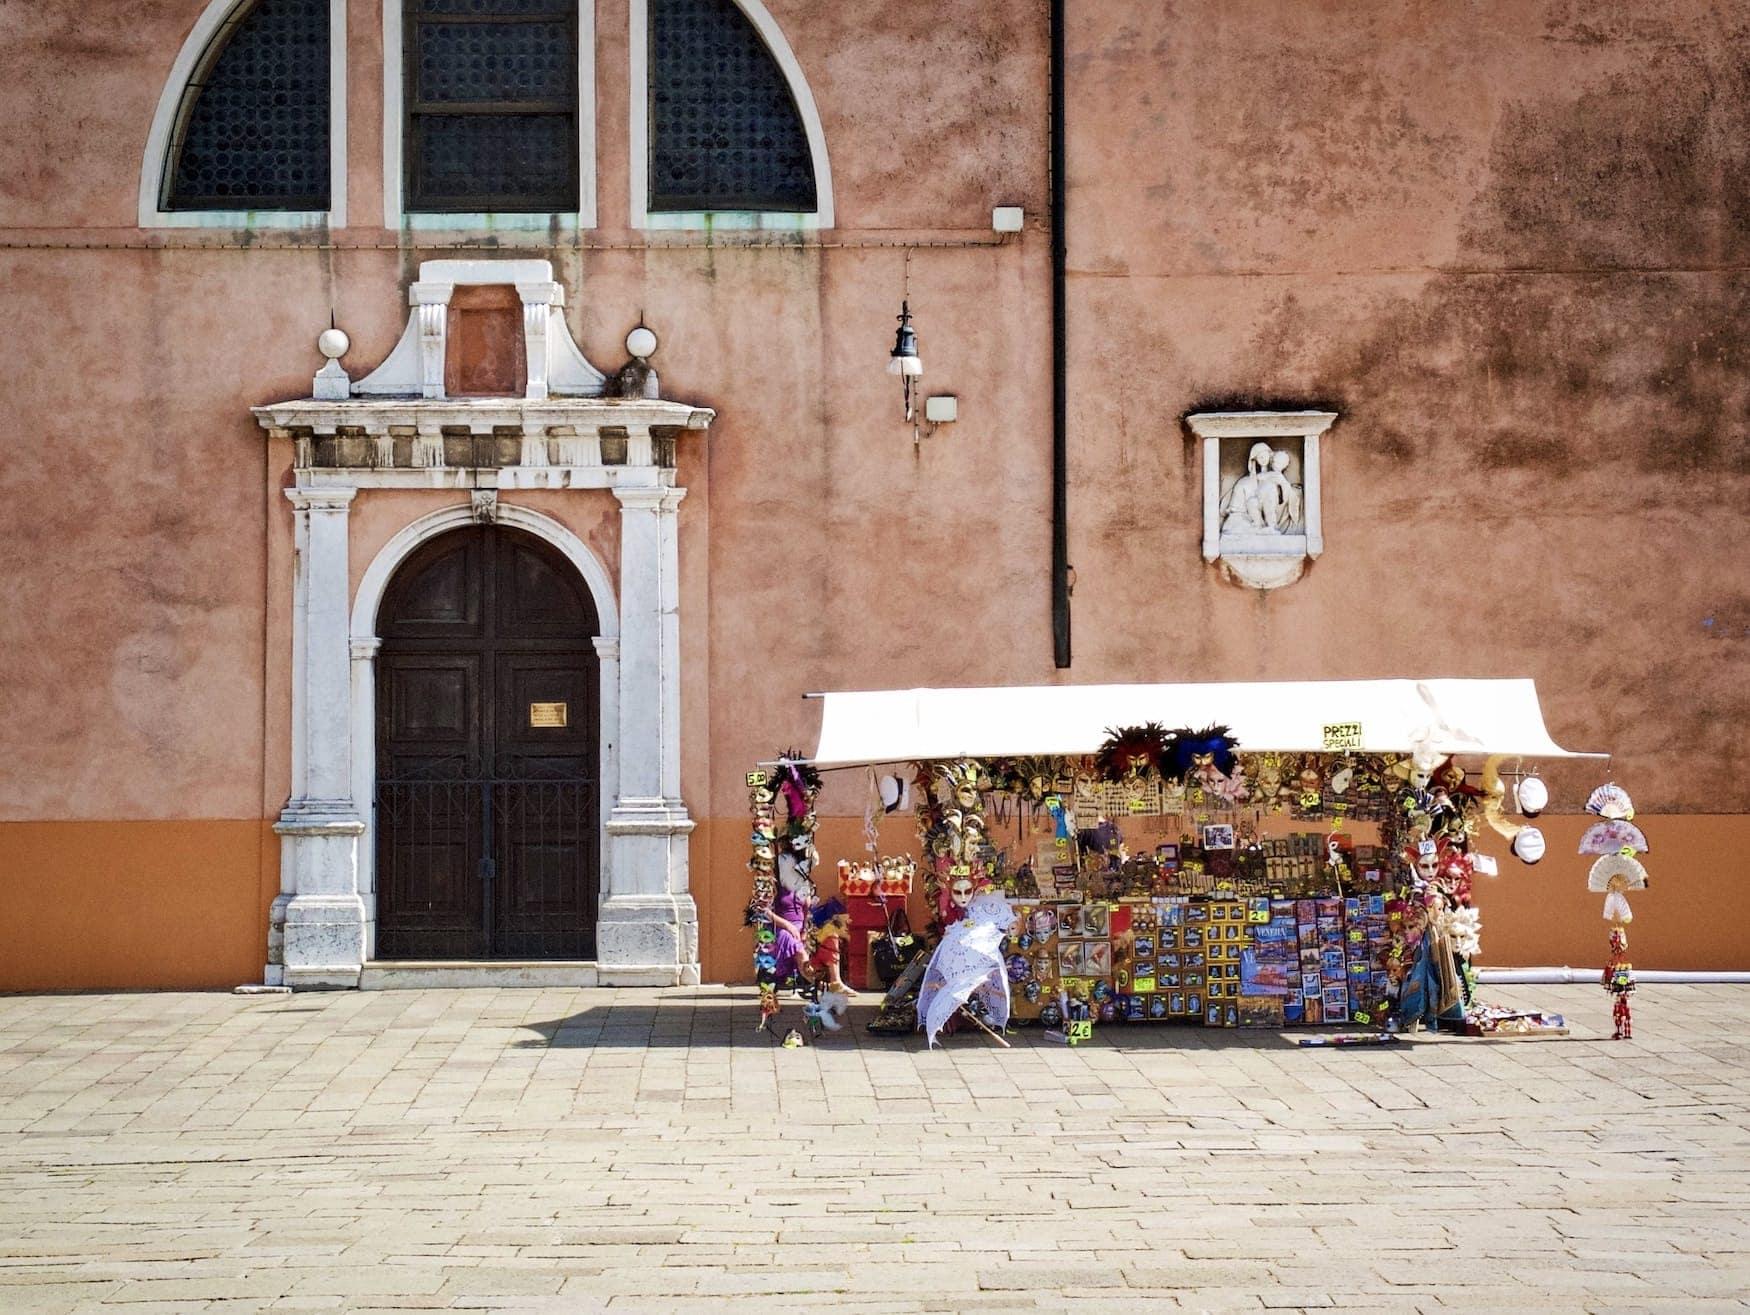 Kleiner Straßenstand auf Platz in Venedig